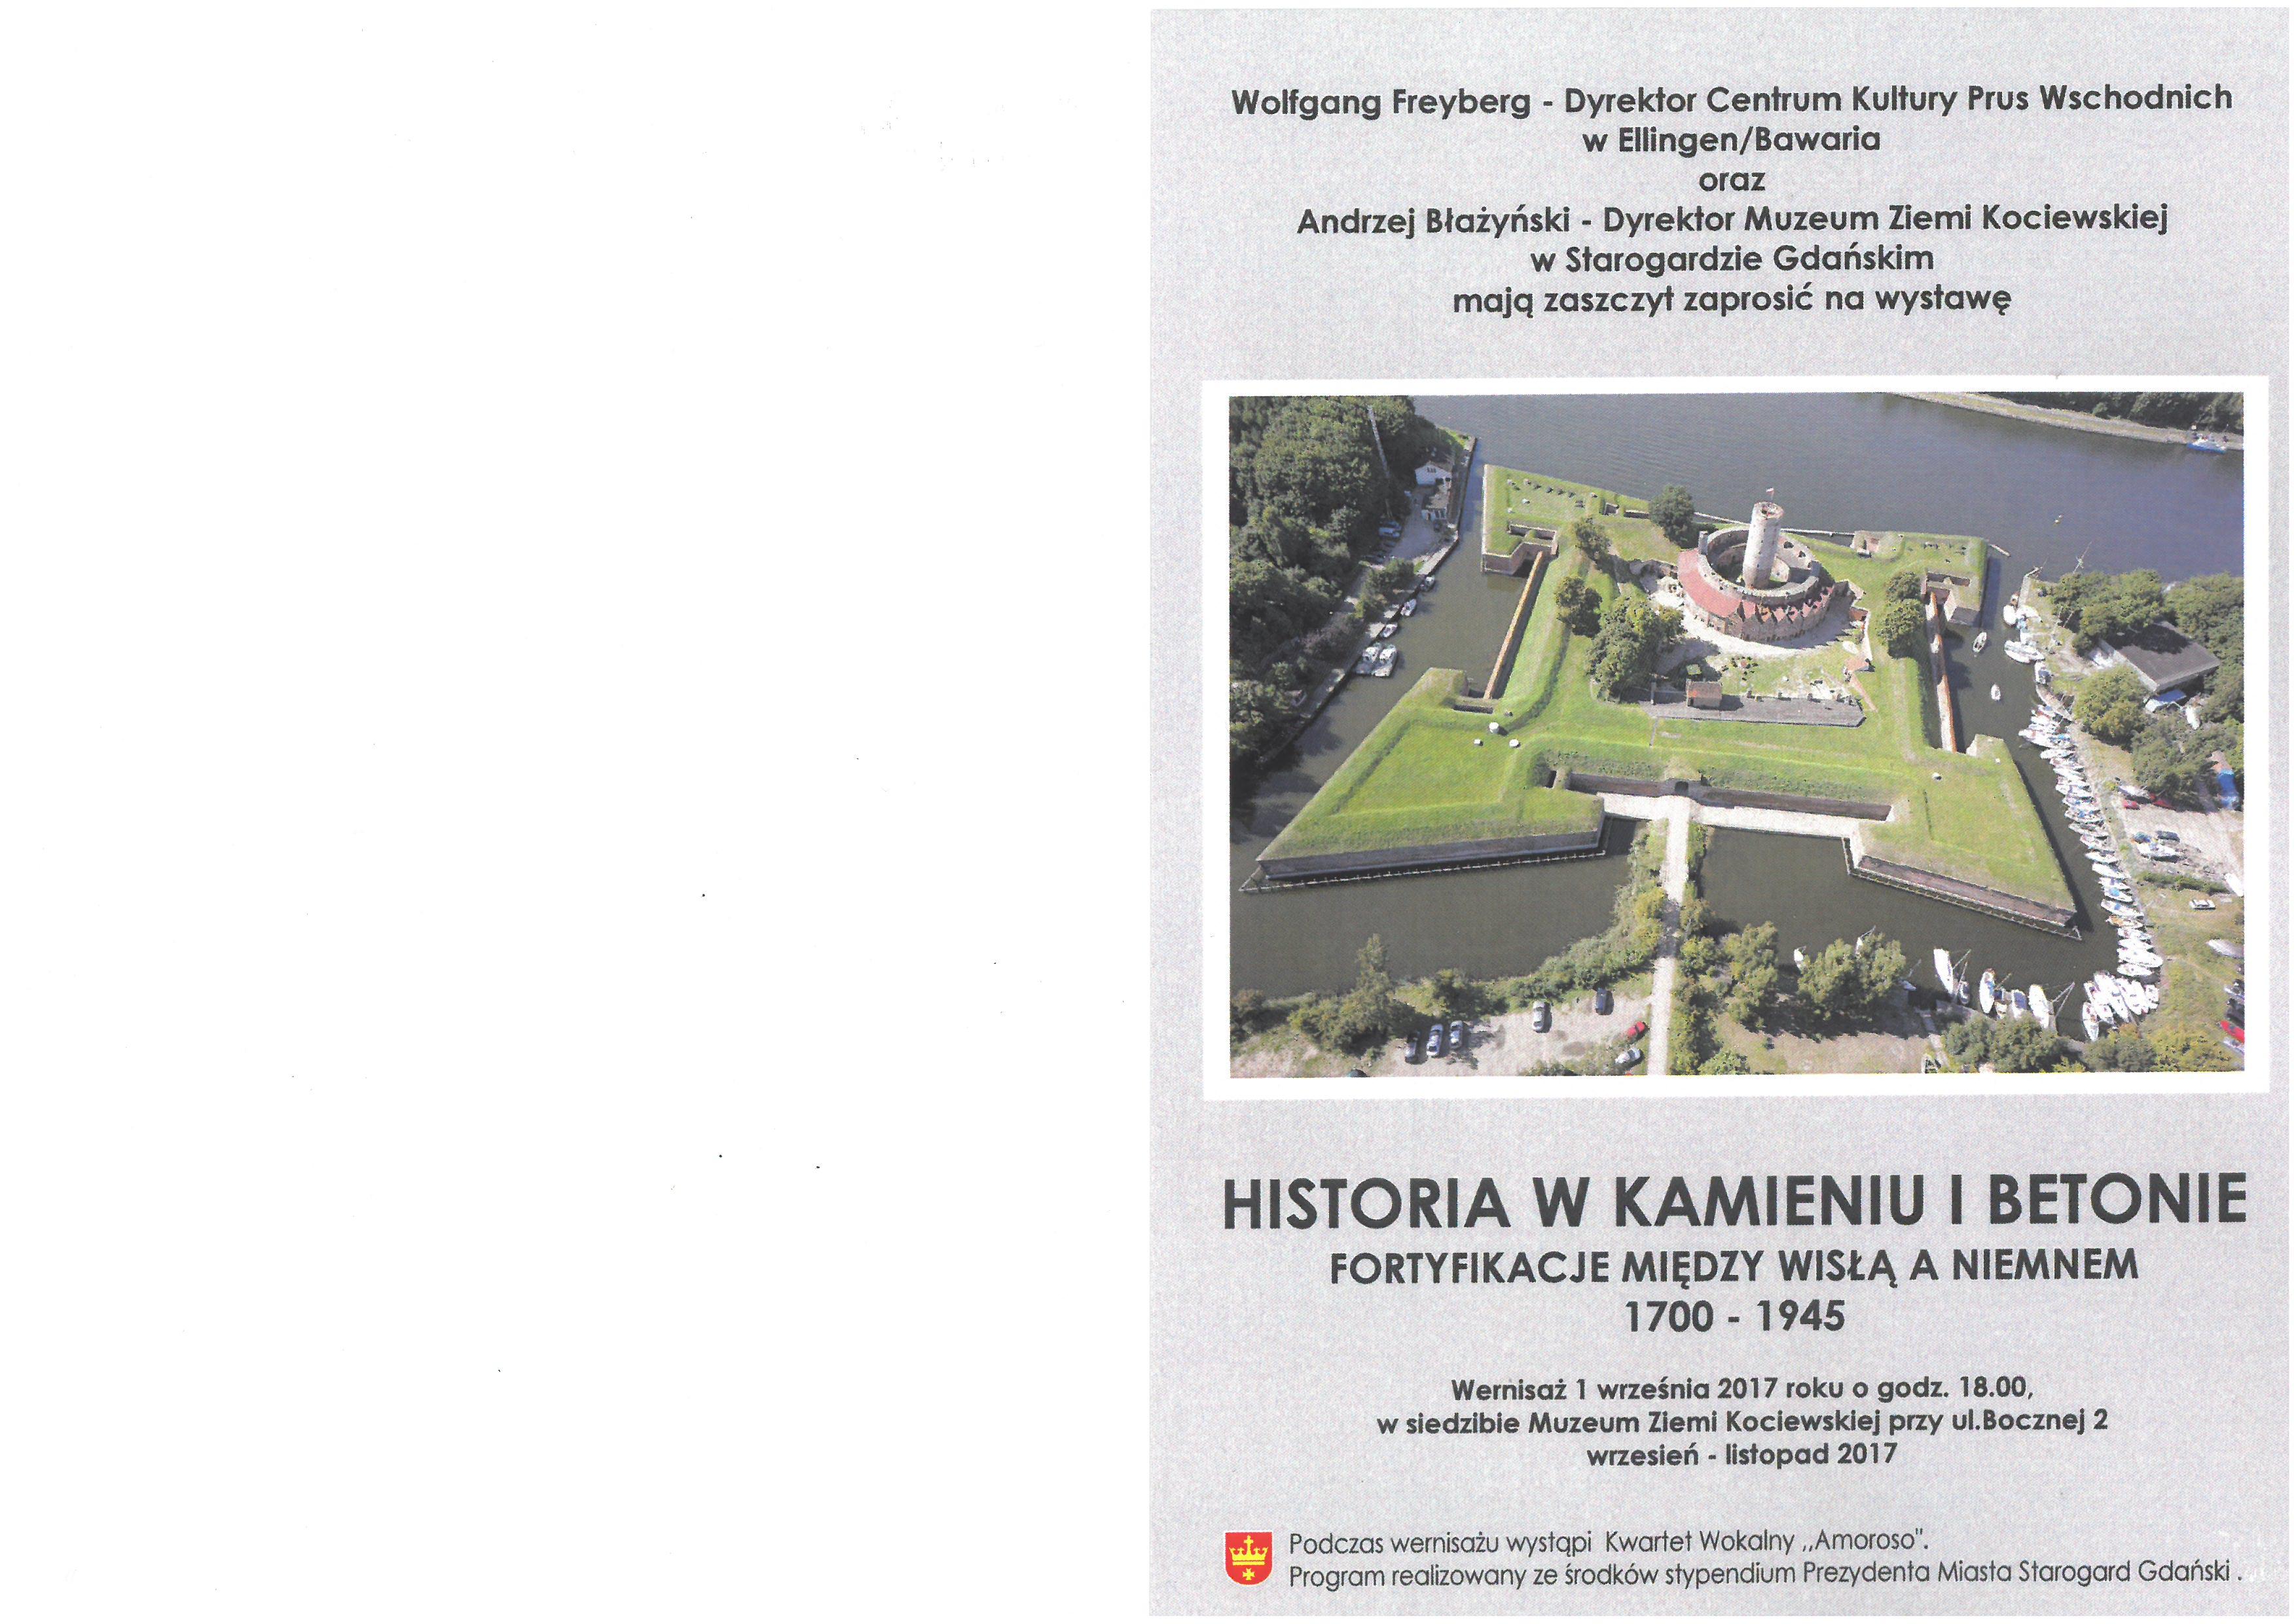 HISTORIA W KAMIENIU I BETONIE. FORTYFIKCJE MIĘDZY WISŁĄ A NIEMNEM 1700-1945.